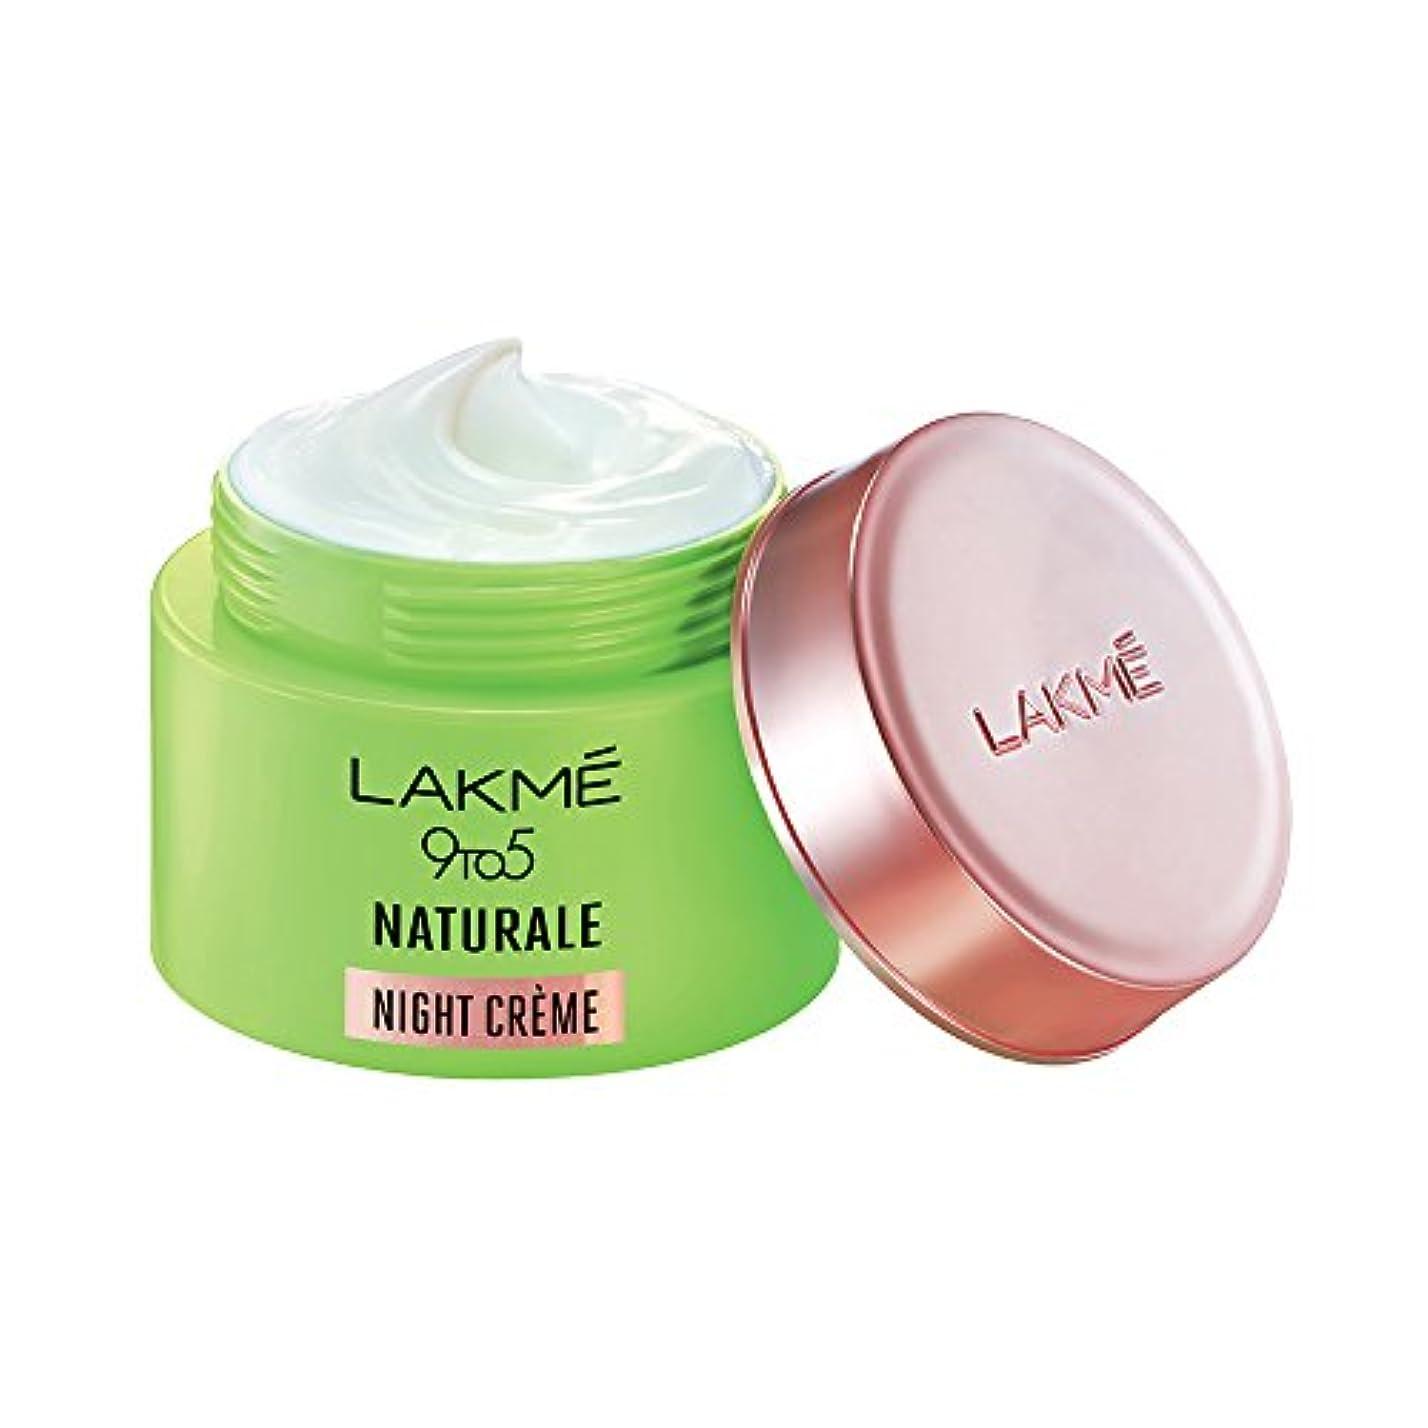 燃やす断片快適Lakme 9 to 5 Naturale Night Creme, 50 g